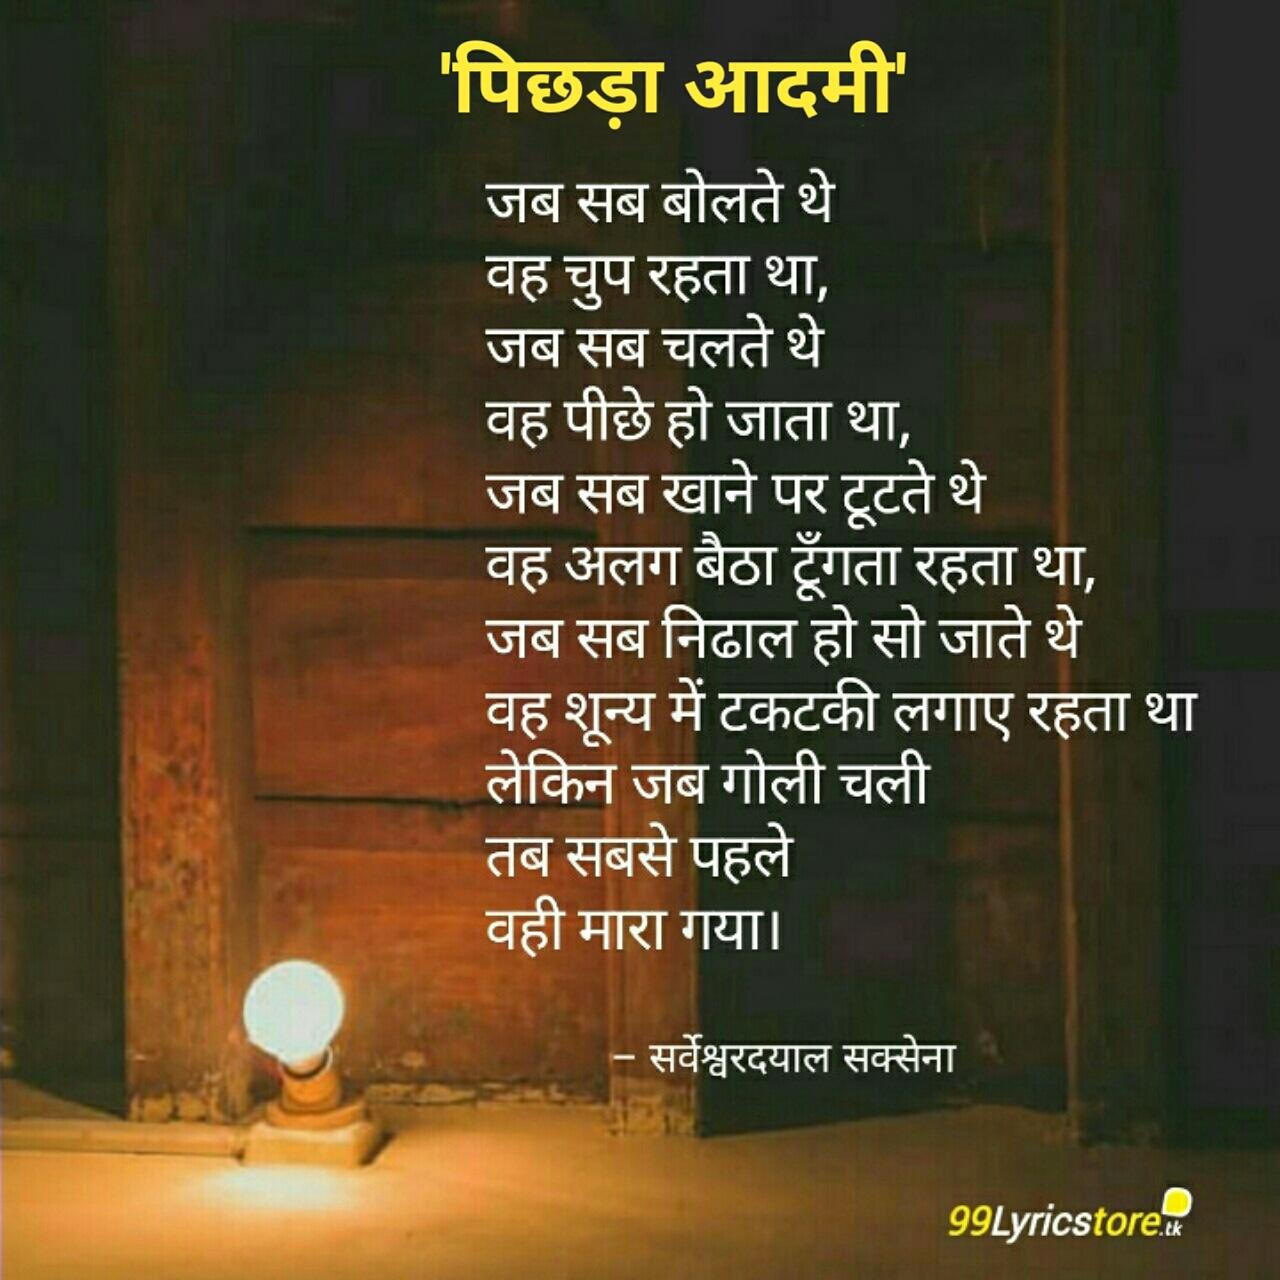 साहित्यकार सर्वेश्वरदयाल सक्सेना ने एक कविता लिखी जो समाज की पीढ़ा और भ्रष्ट राजनीति पर आधारित एक हिन्दी कविता है जिसका नाम पिछड़ा आदमी है।